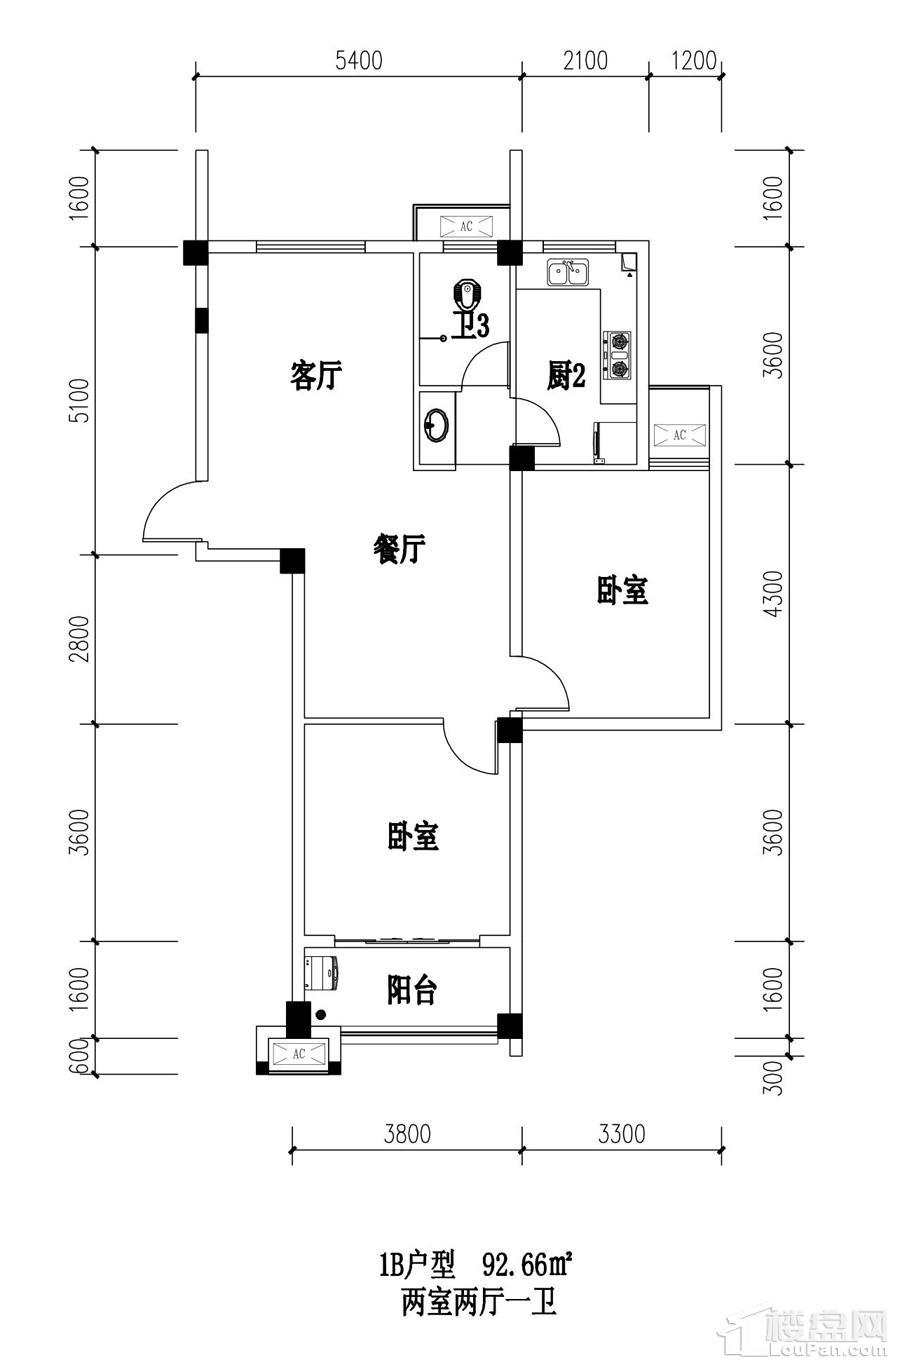 江南名苑1户B型图